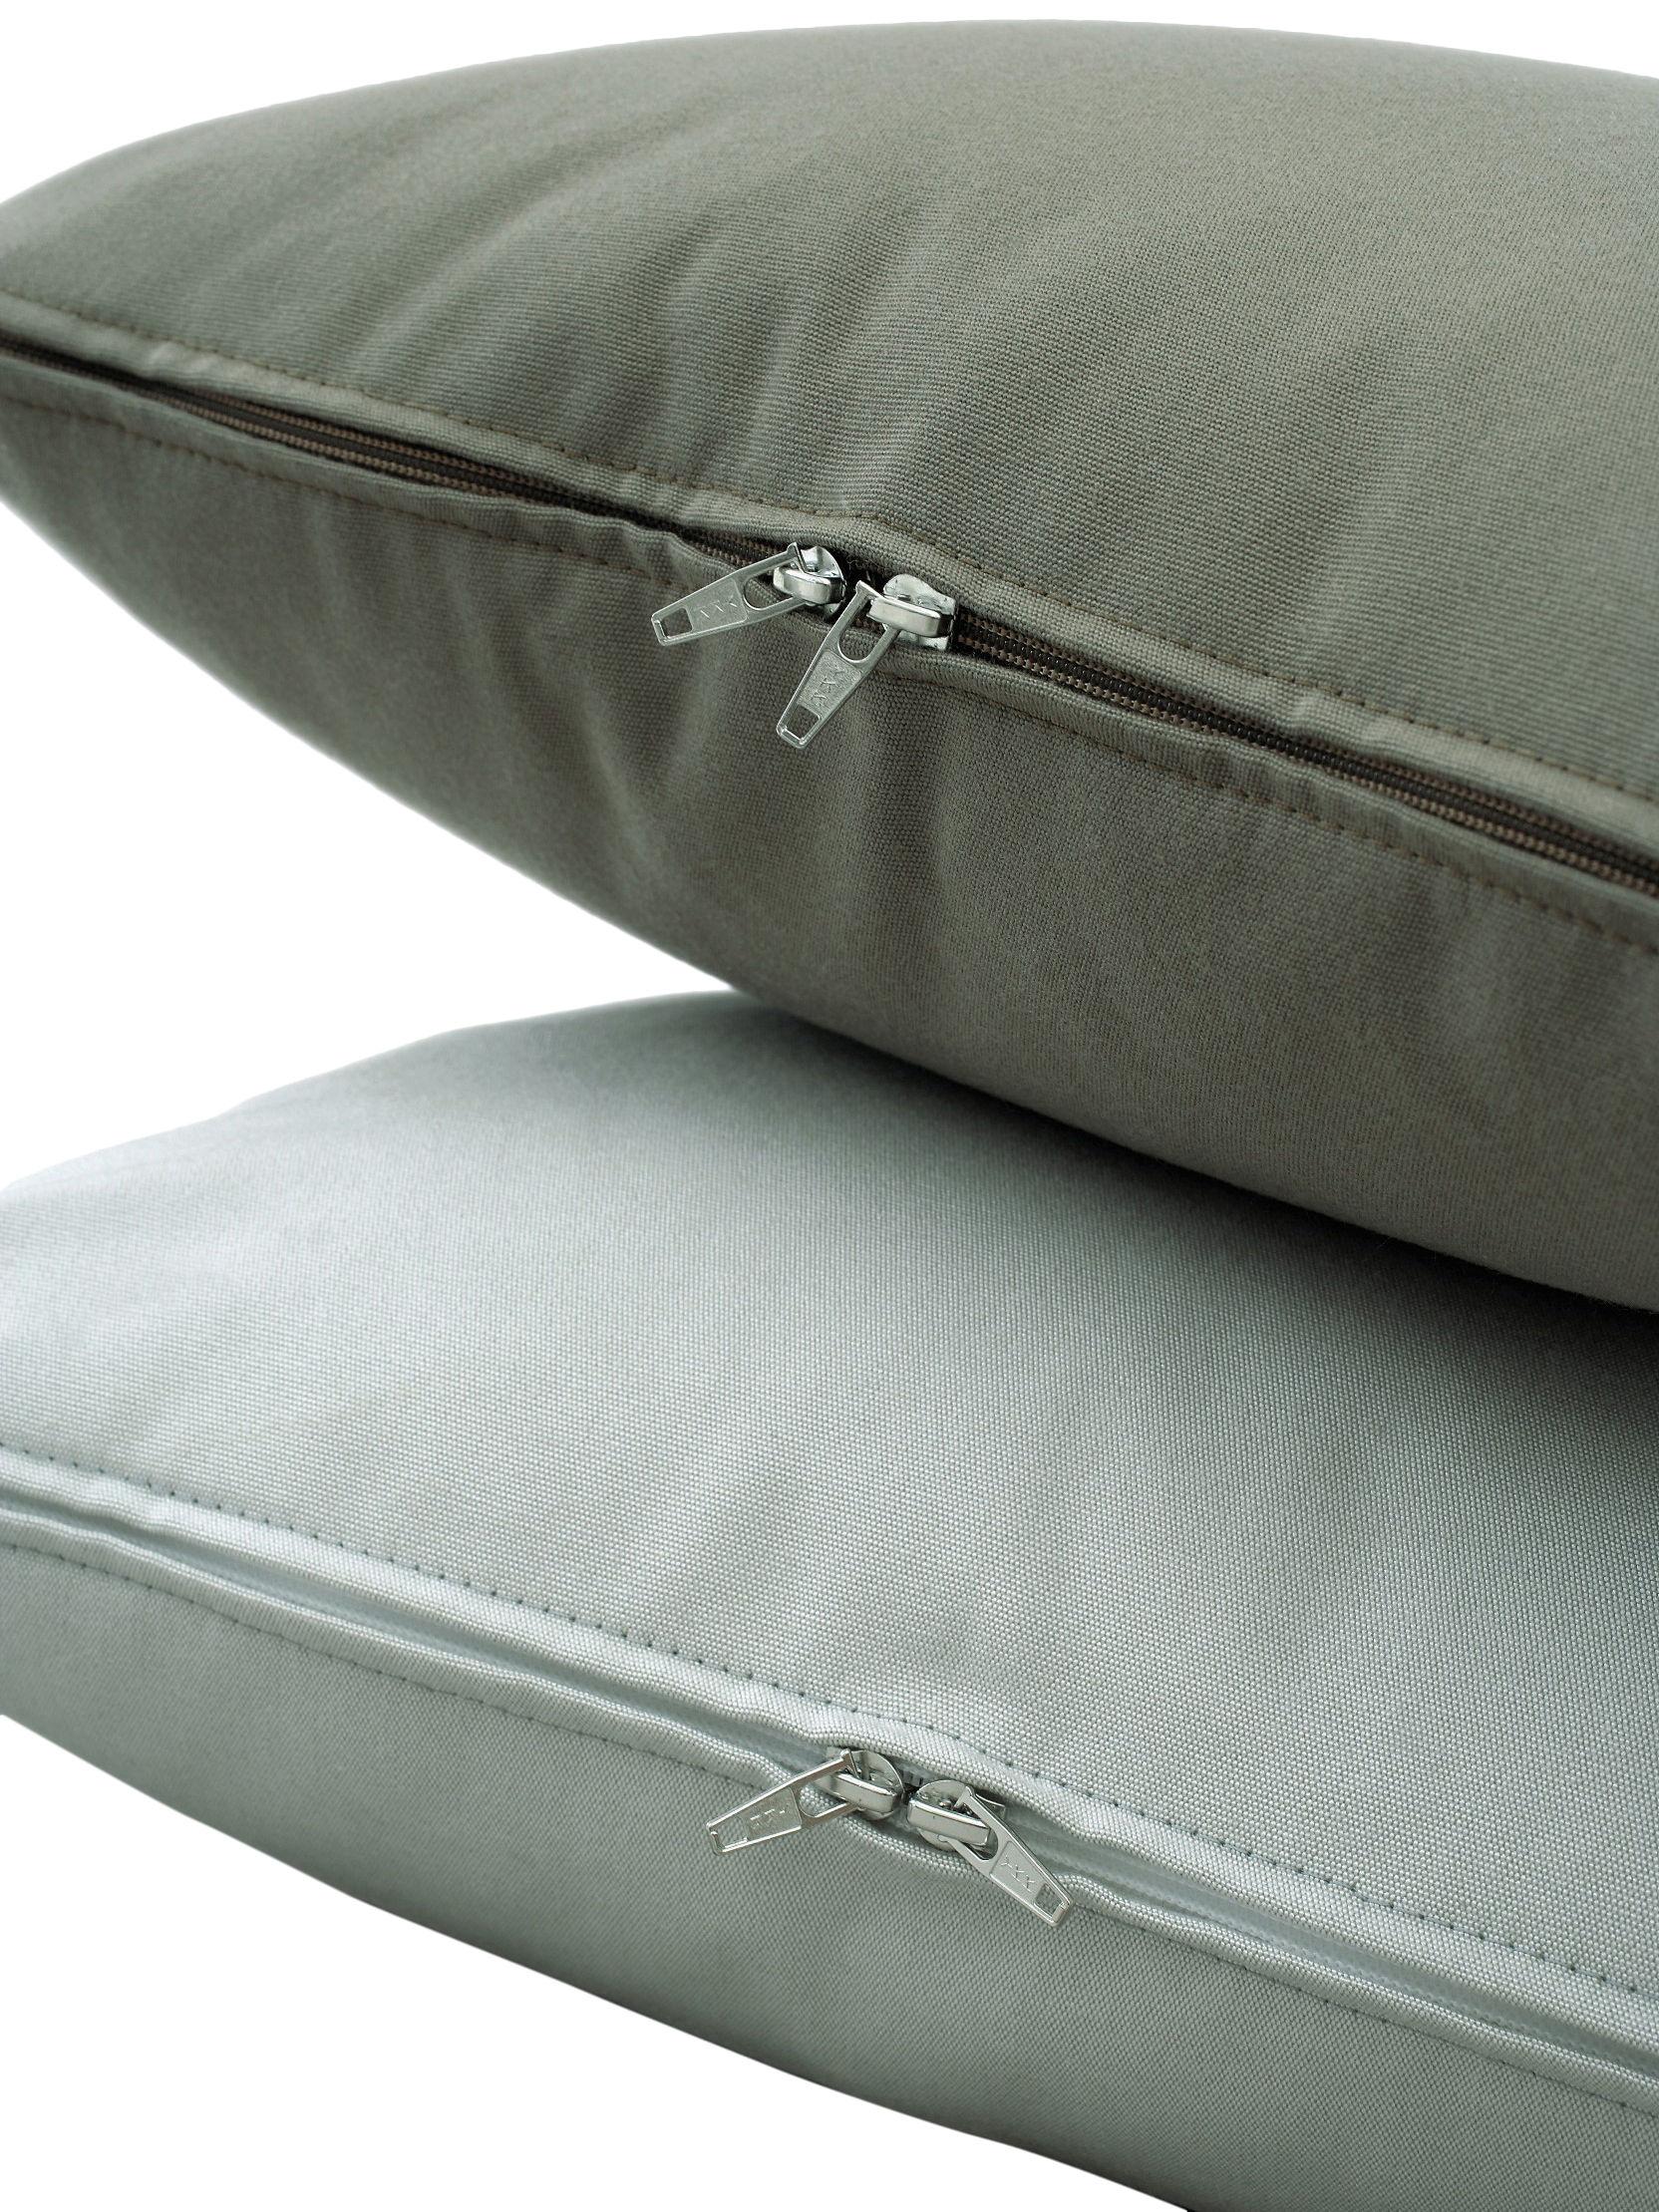 coussin d 39 assise pour canap transatlantik coussin taupe. Black Bedroom Furniture Sets. Home Design Ideas